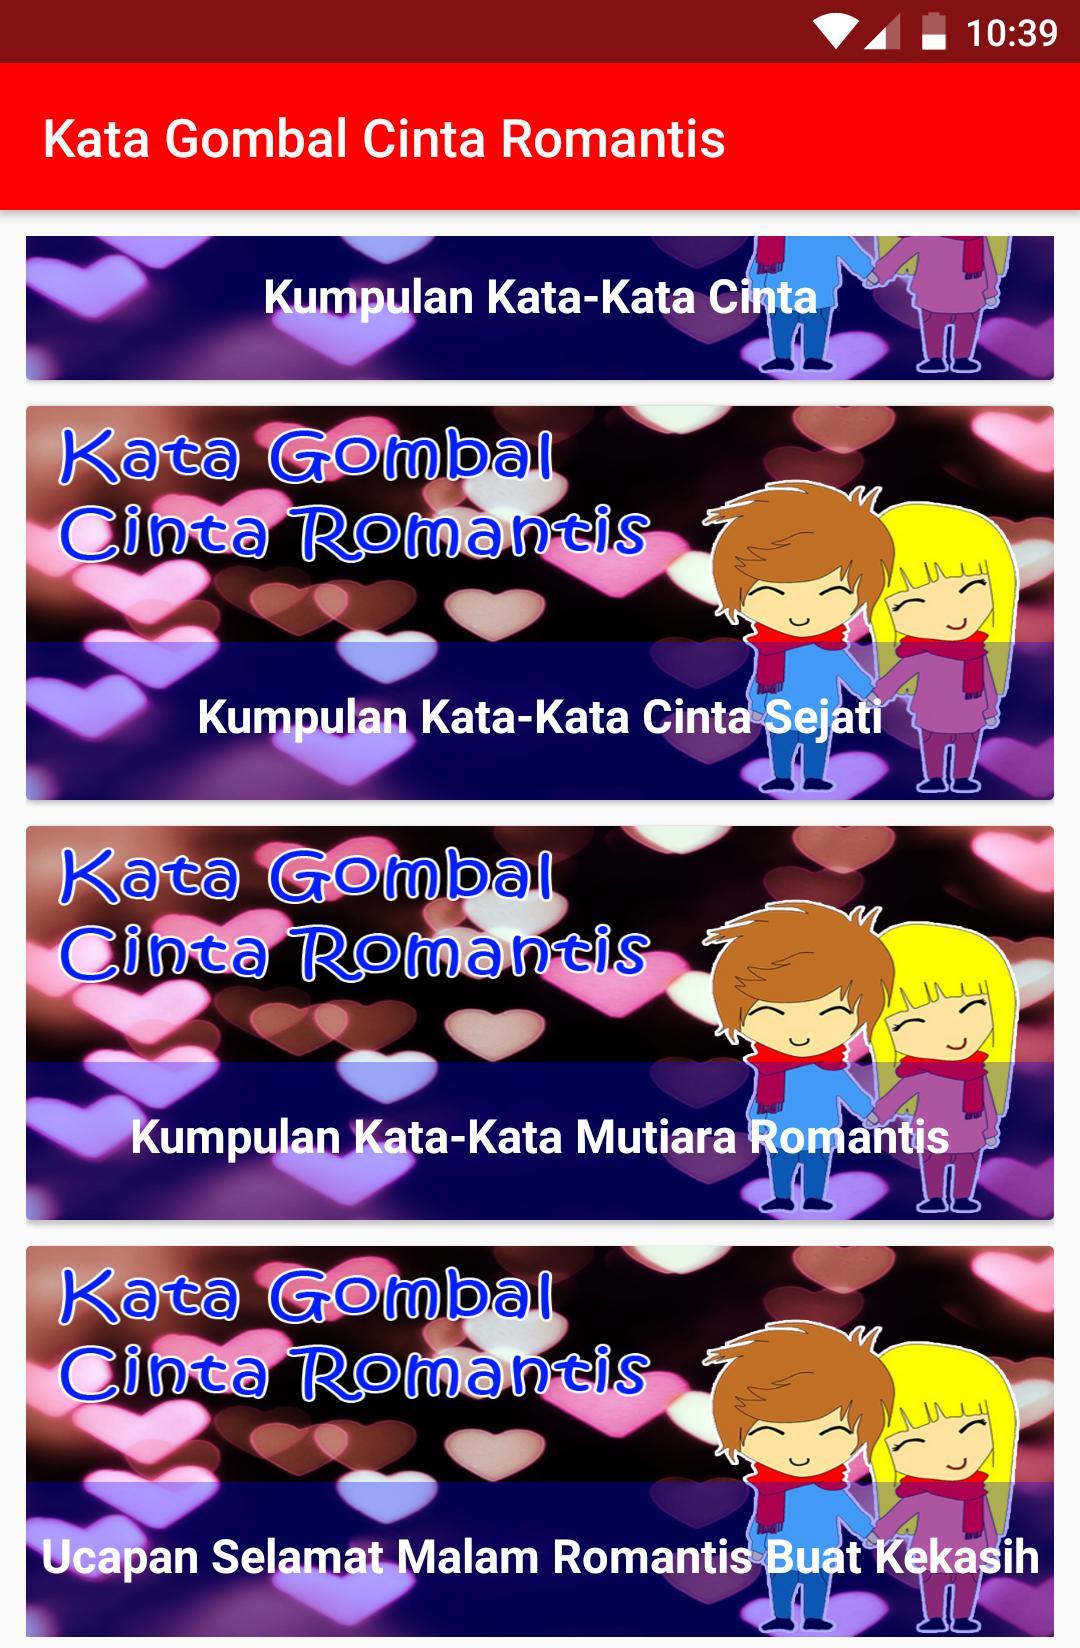 Kata Kata Gombal Cinta Romantis for Android APK Download